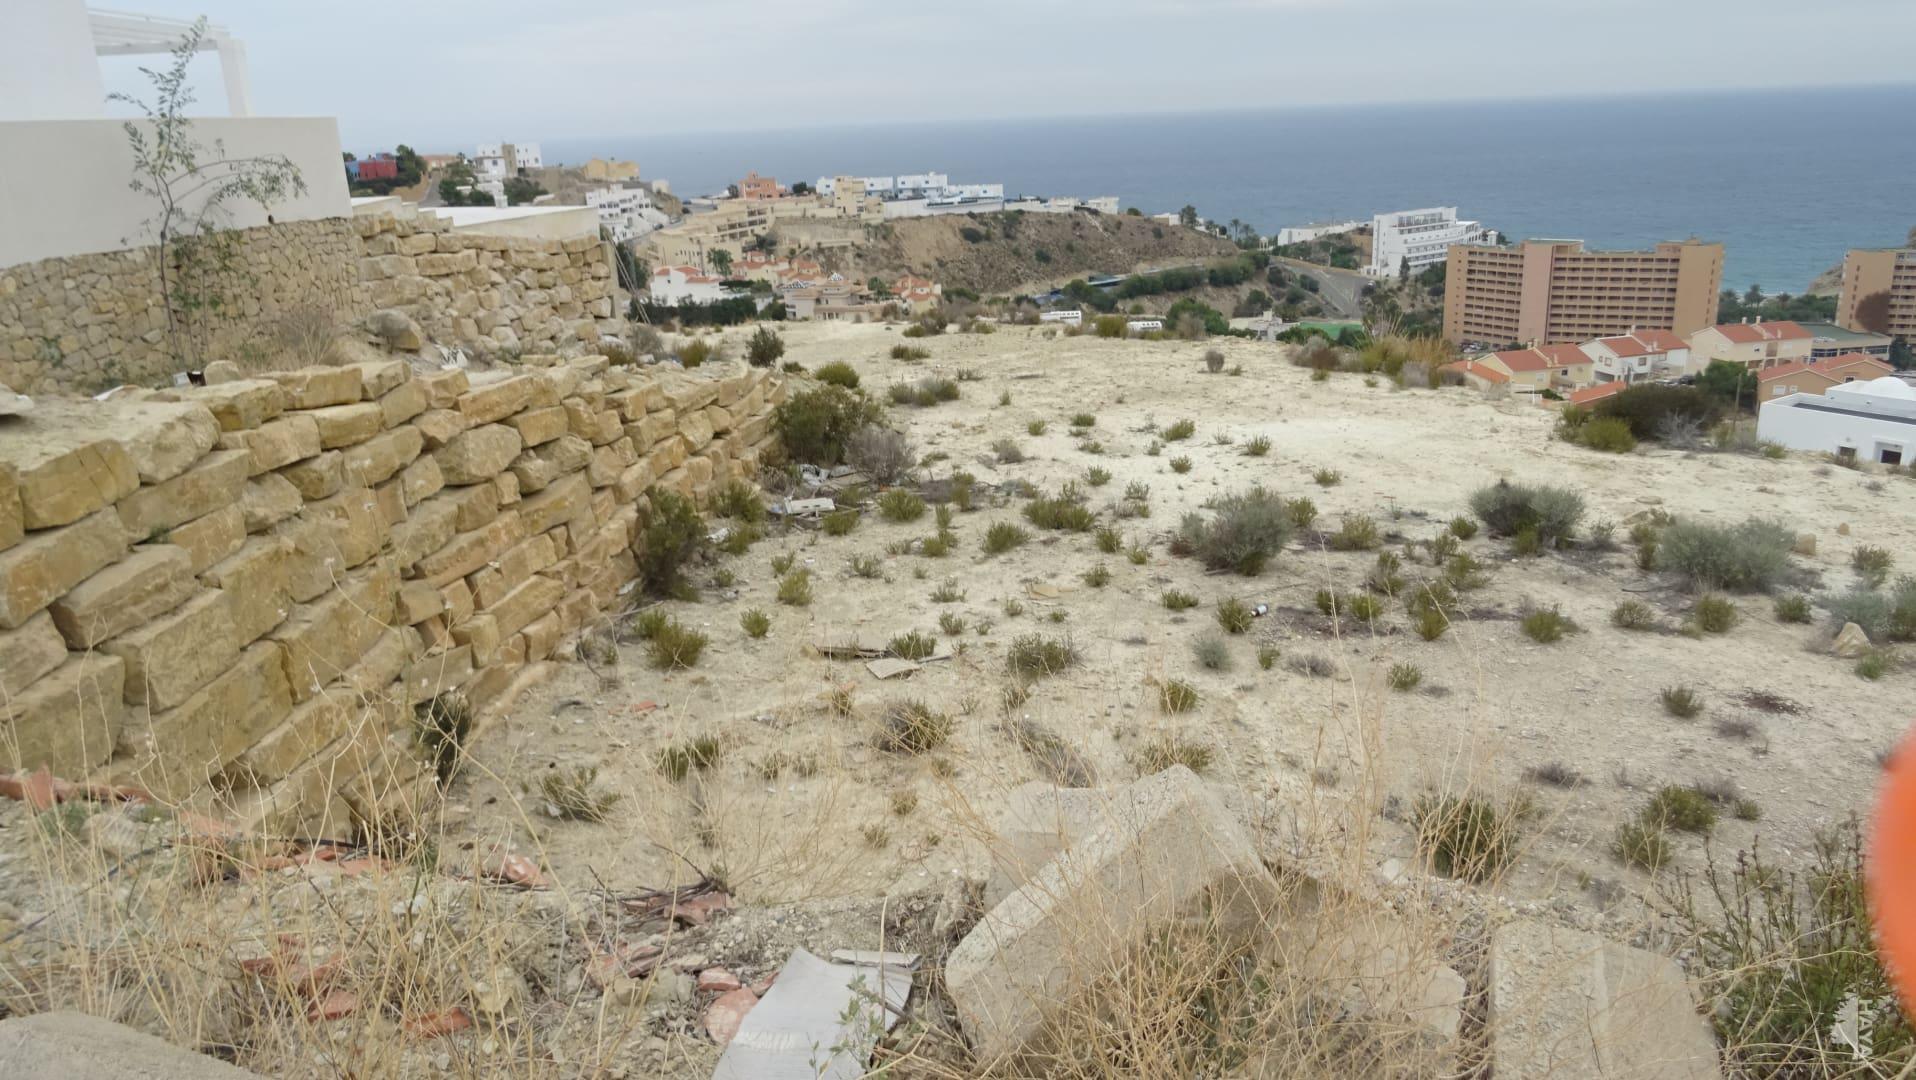 Casa en venta en Plans, la Villajoyosa/vila, Alicante, Urbanización Charco-montiboli, 58.682 €, 2 baños, 1033 m2